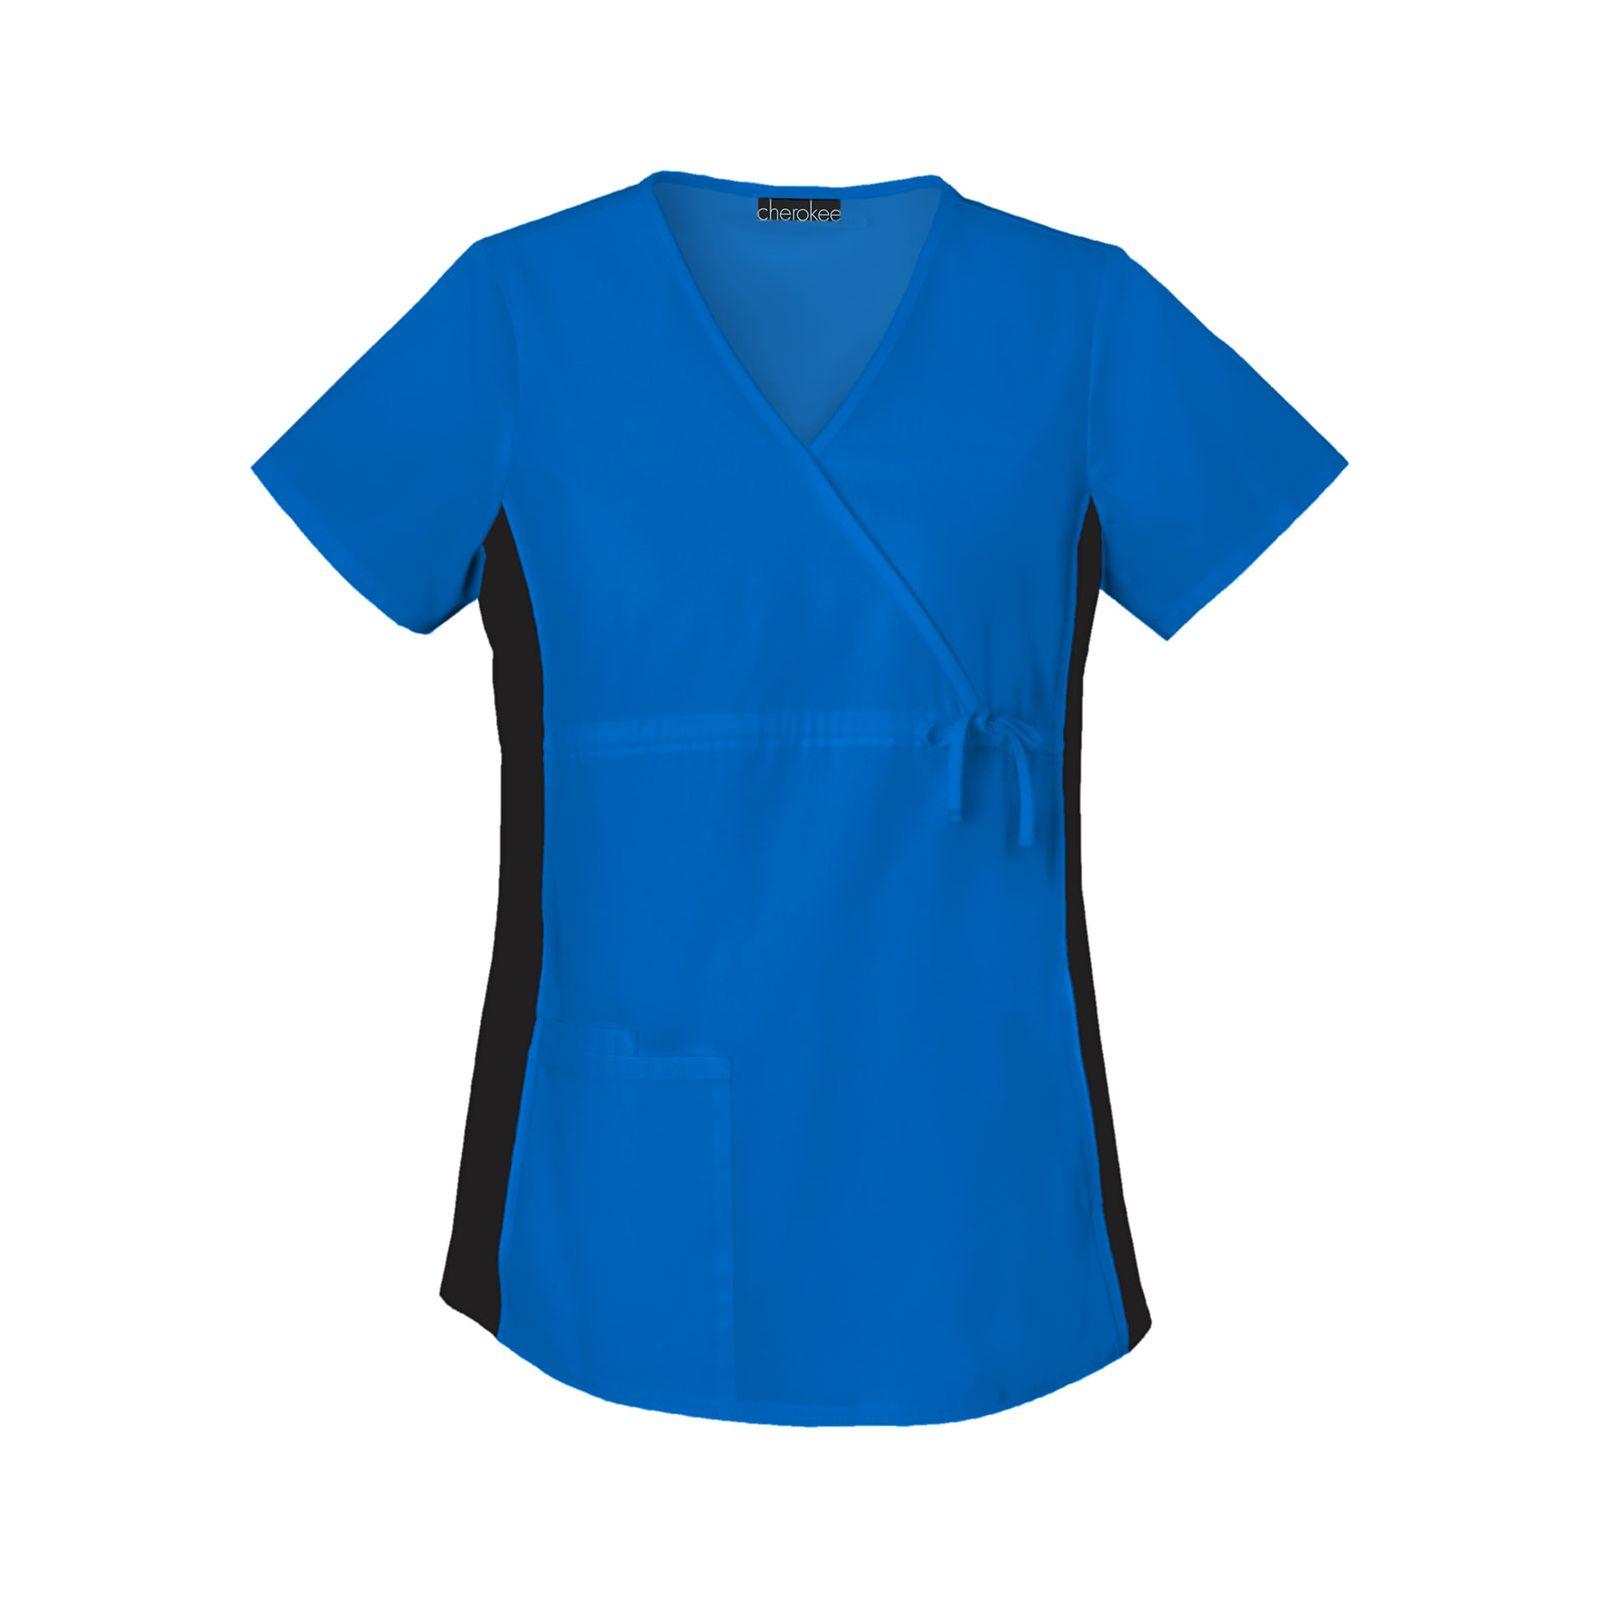 Blouse Médicale pour Femme Enceinte Cherokee (2892), couleur bleu royal vue produit